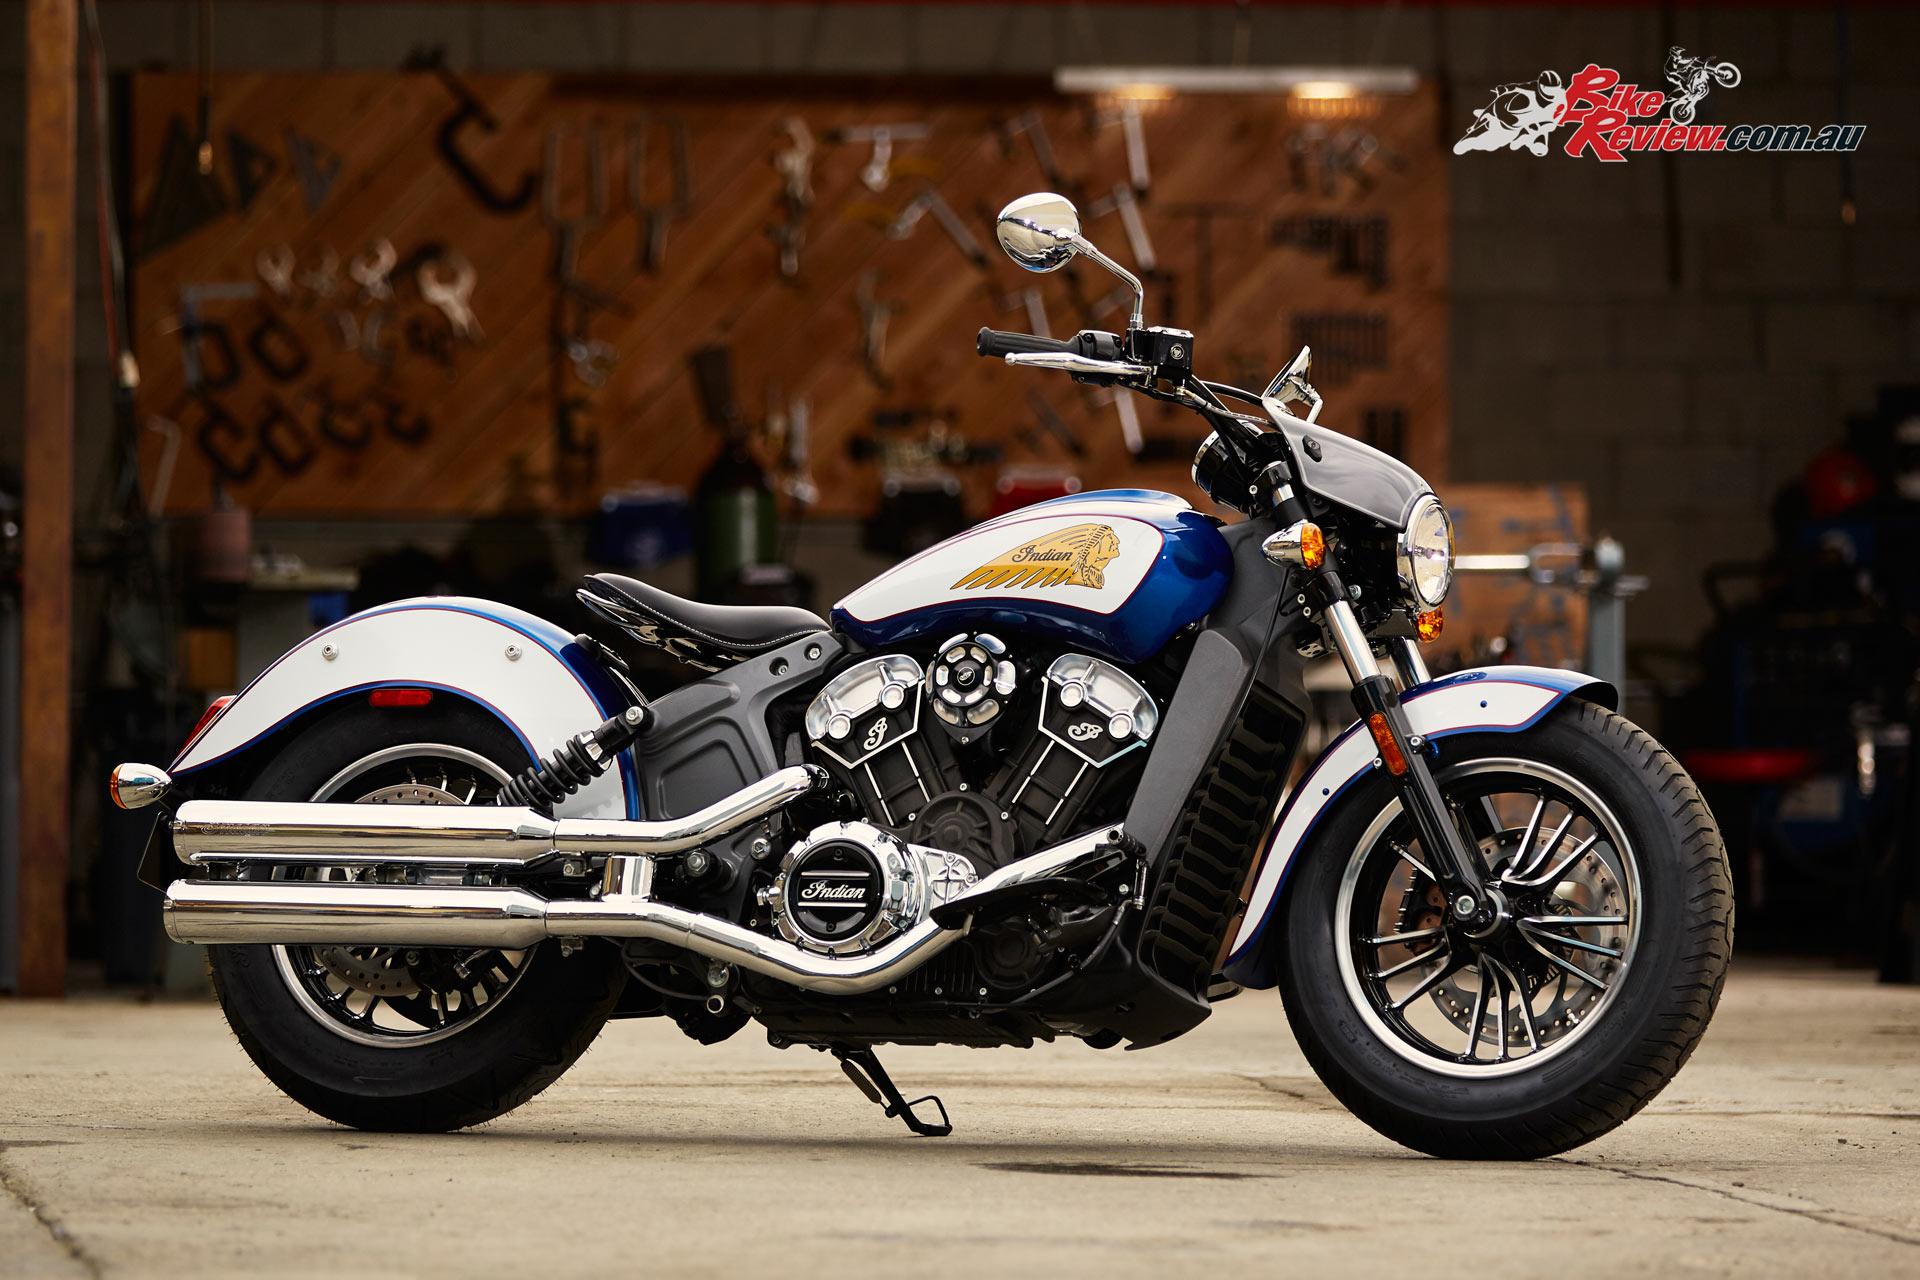 2017 indian motorcycle model range revealed bike review. Black Bedroom Furniture Sets. Home Design Ideas